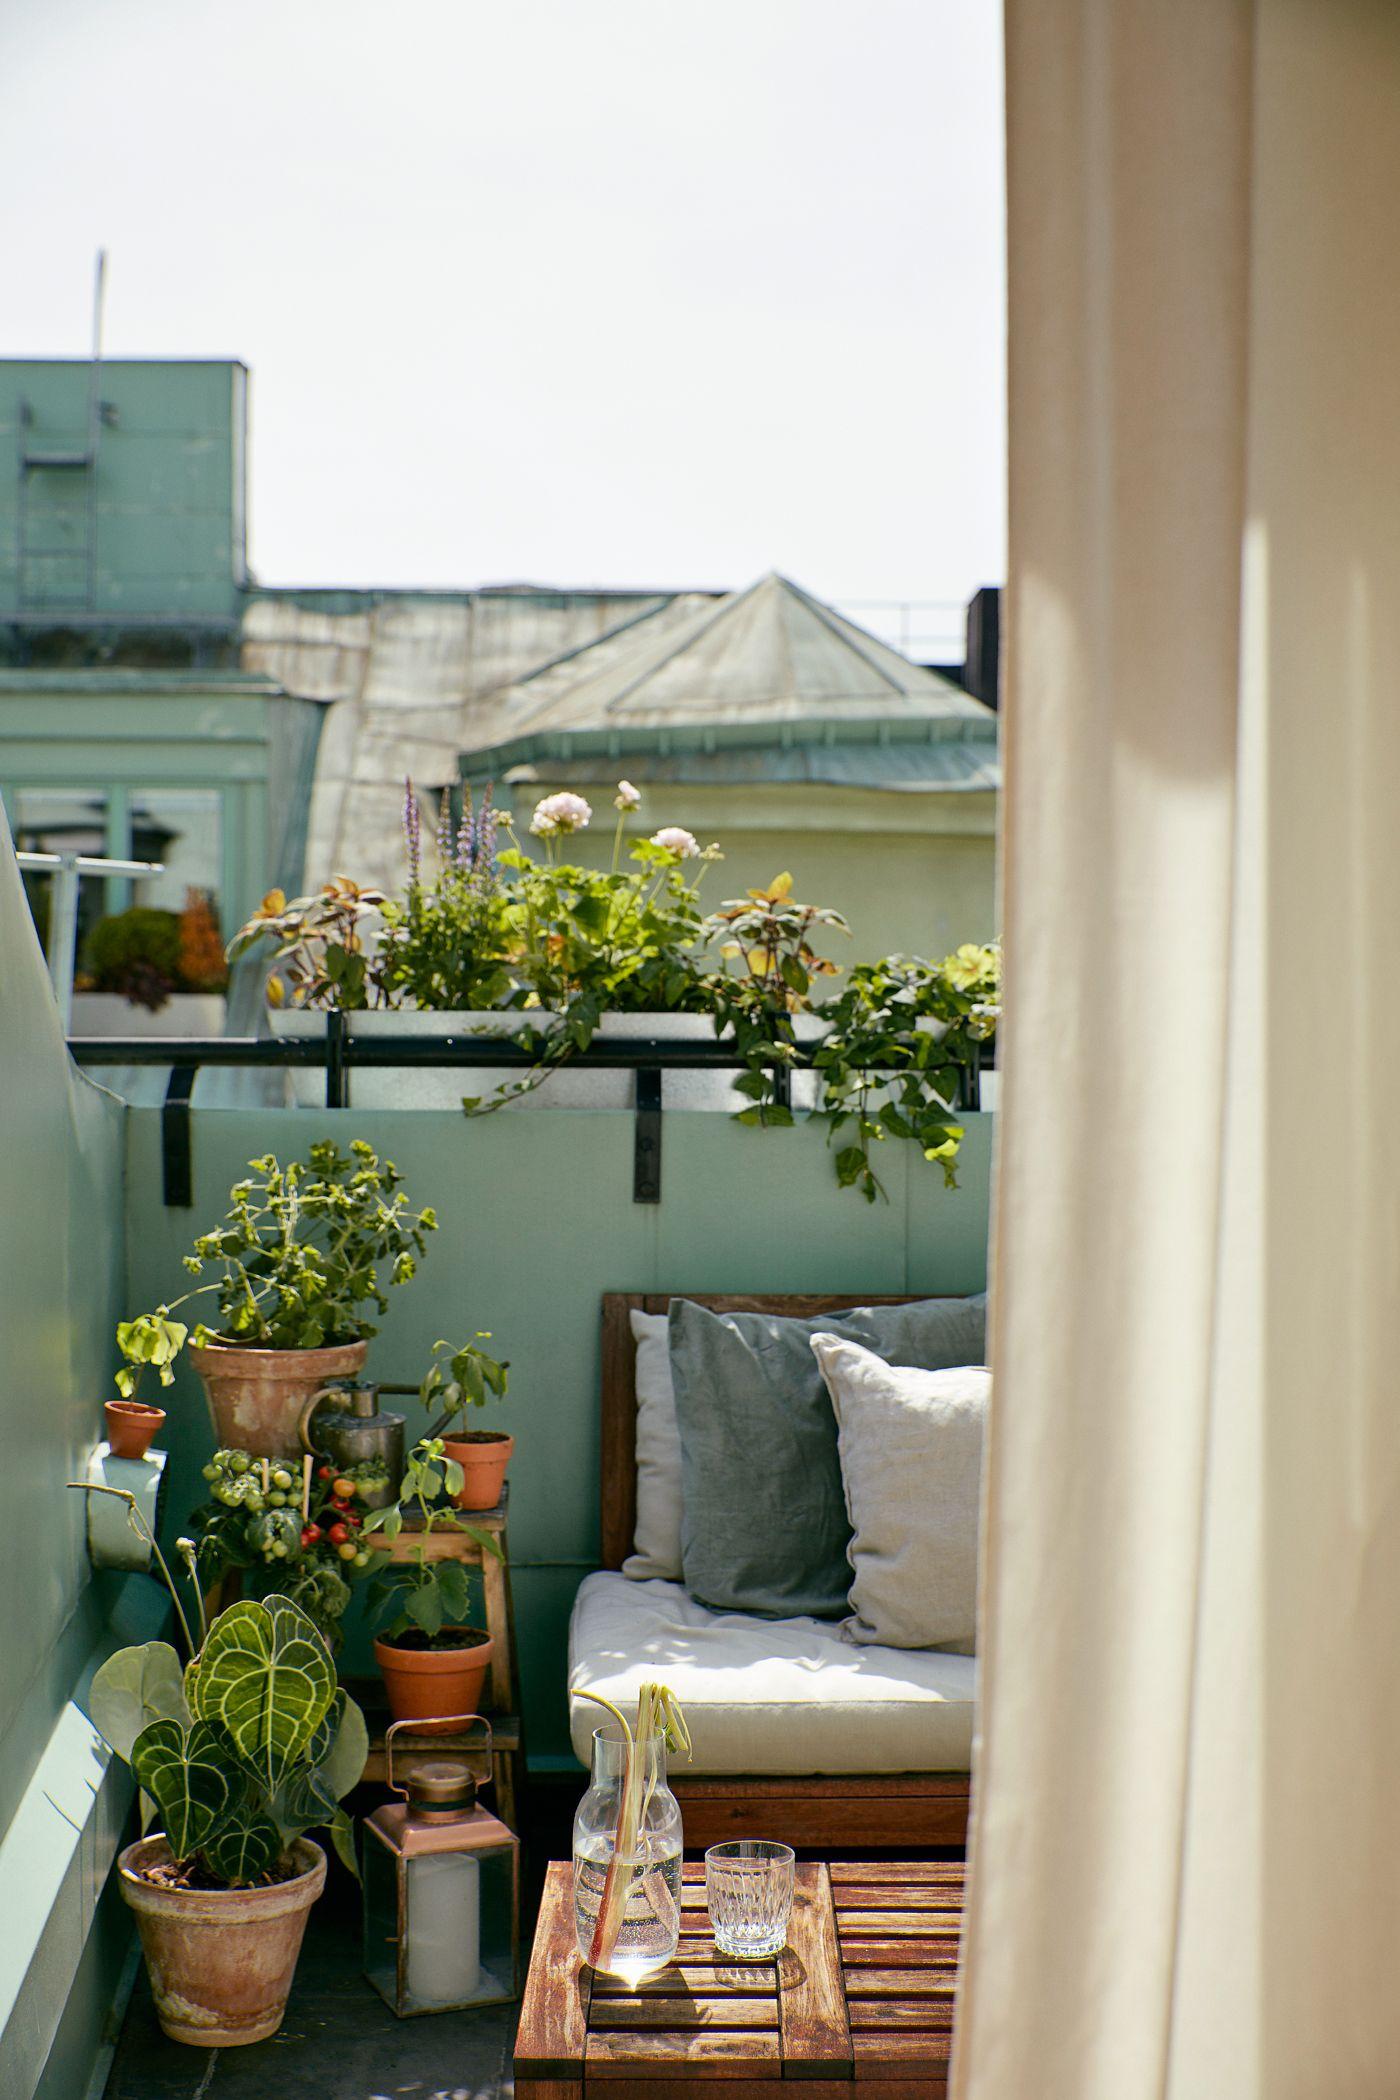 27 Brilliant Balcony Decorating Ideas - Balcony Design Tips